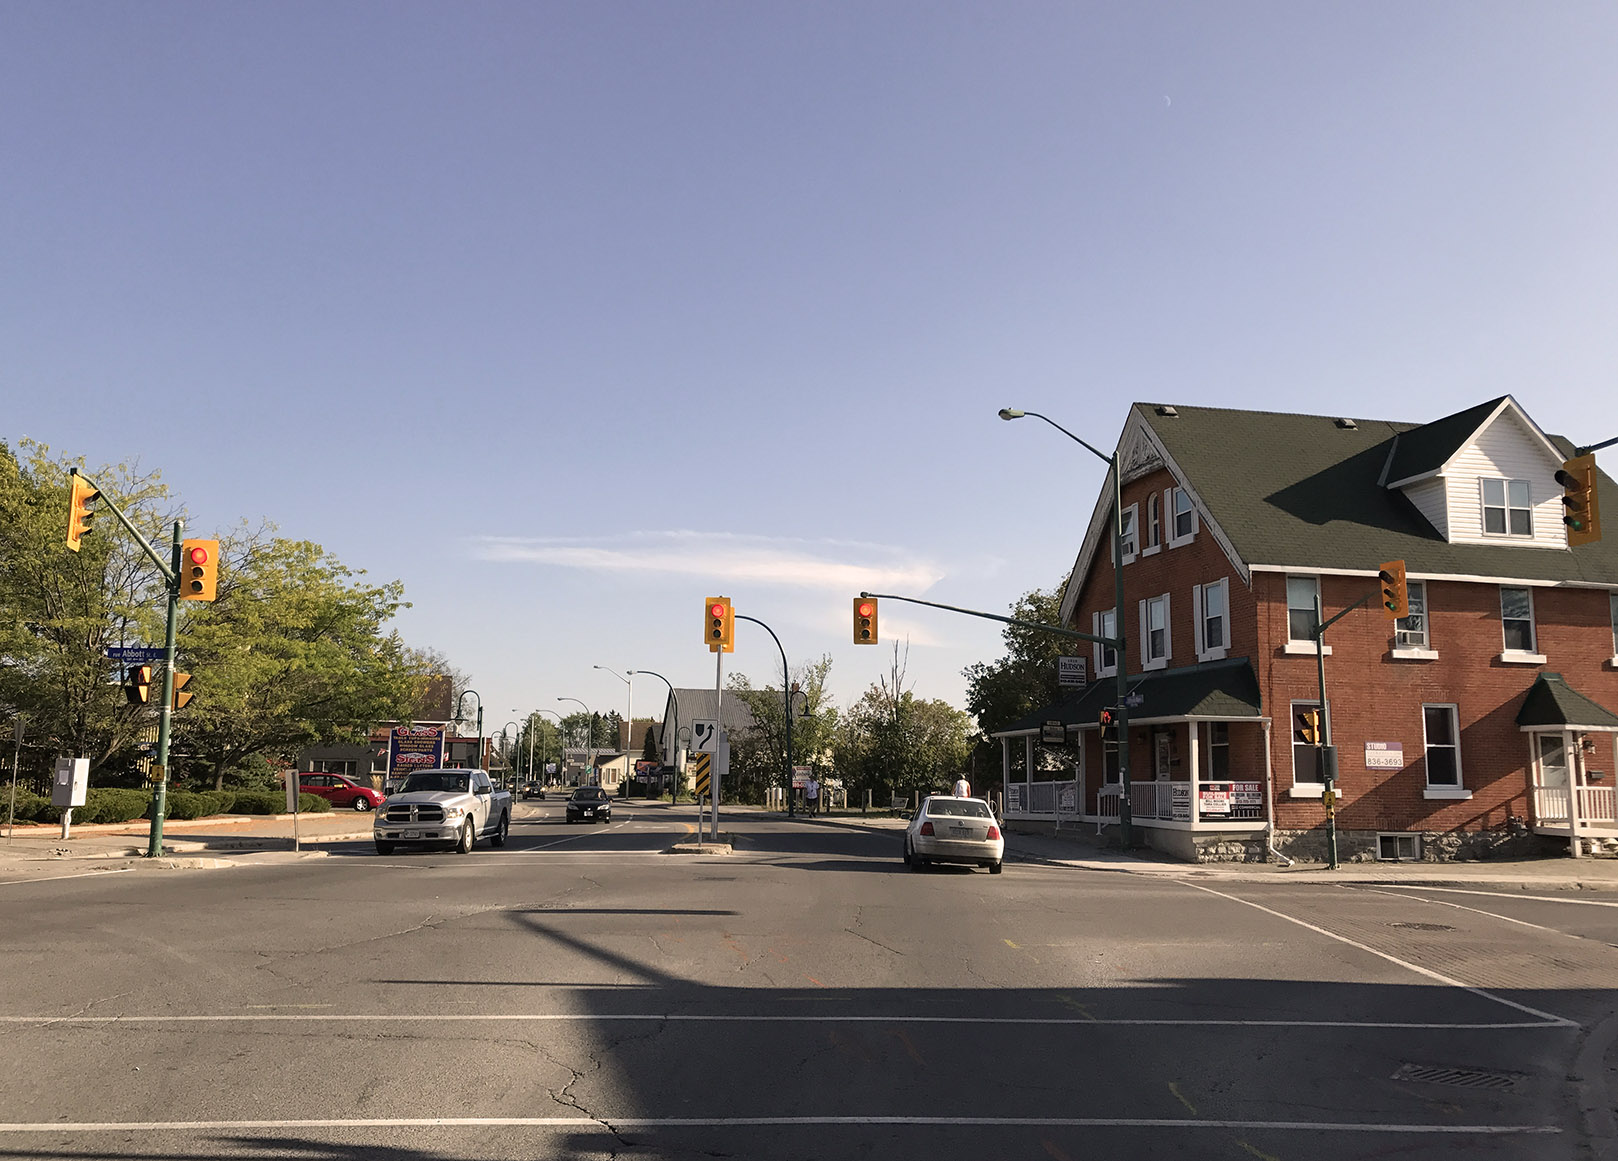 Stittsville Main Street